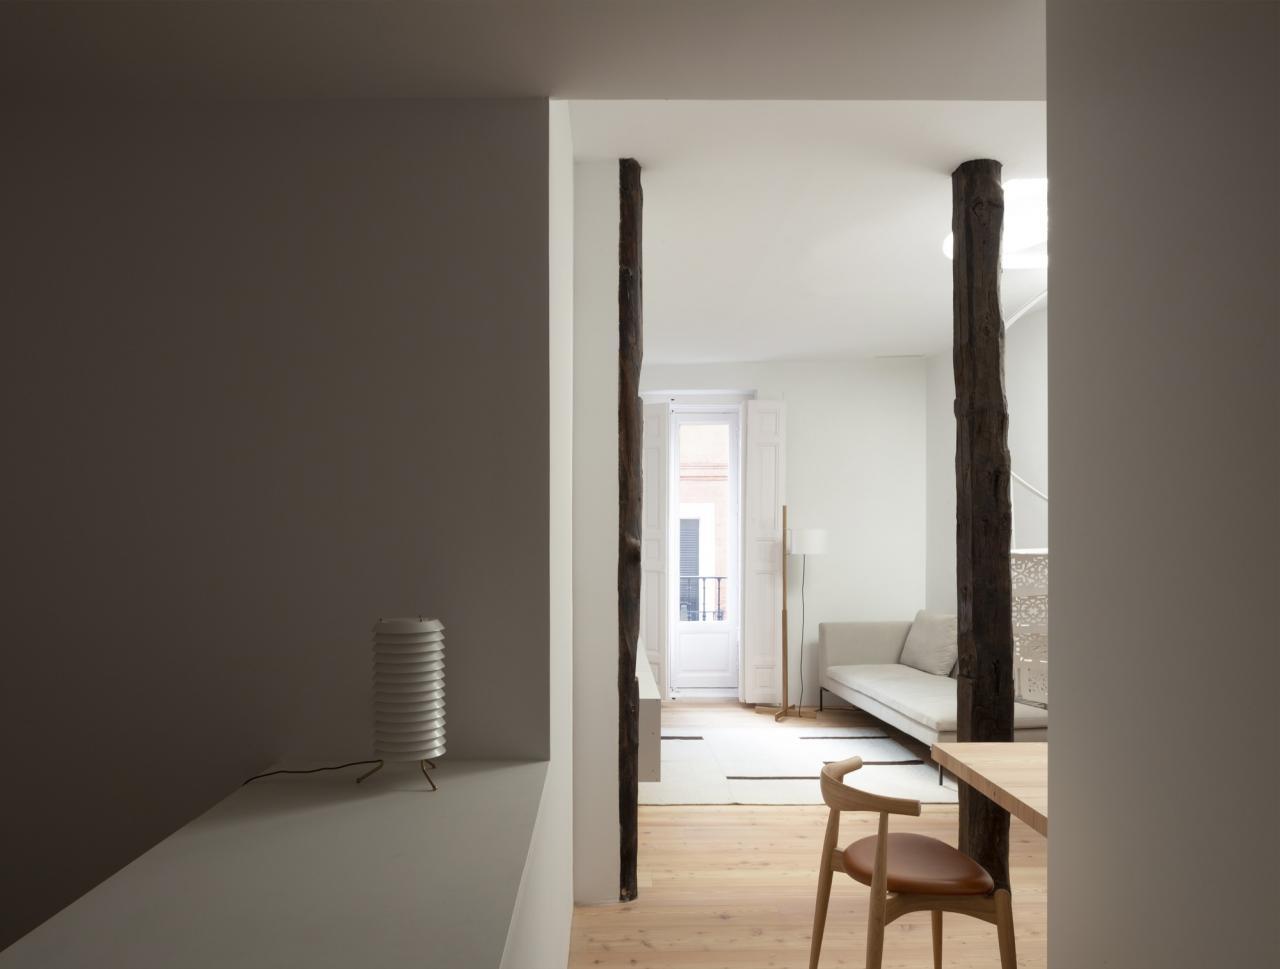 nhà tối giản nhà tối giản ana apartment house elledecoration vn 9